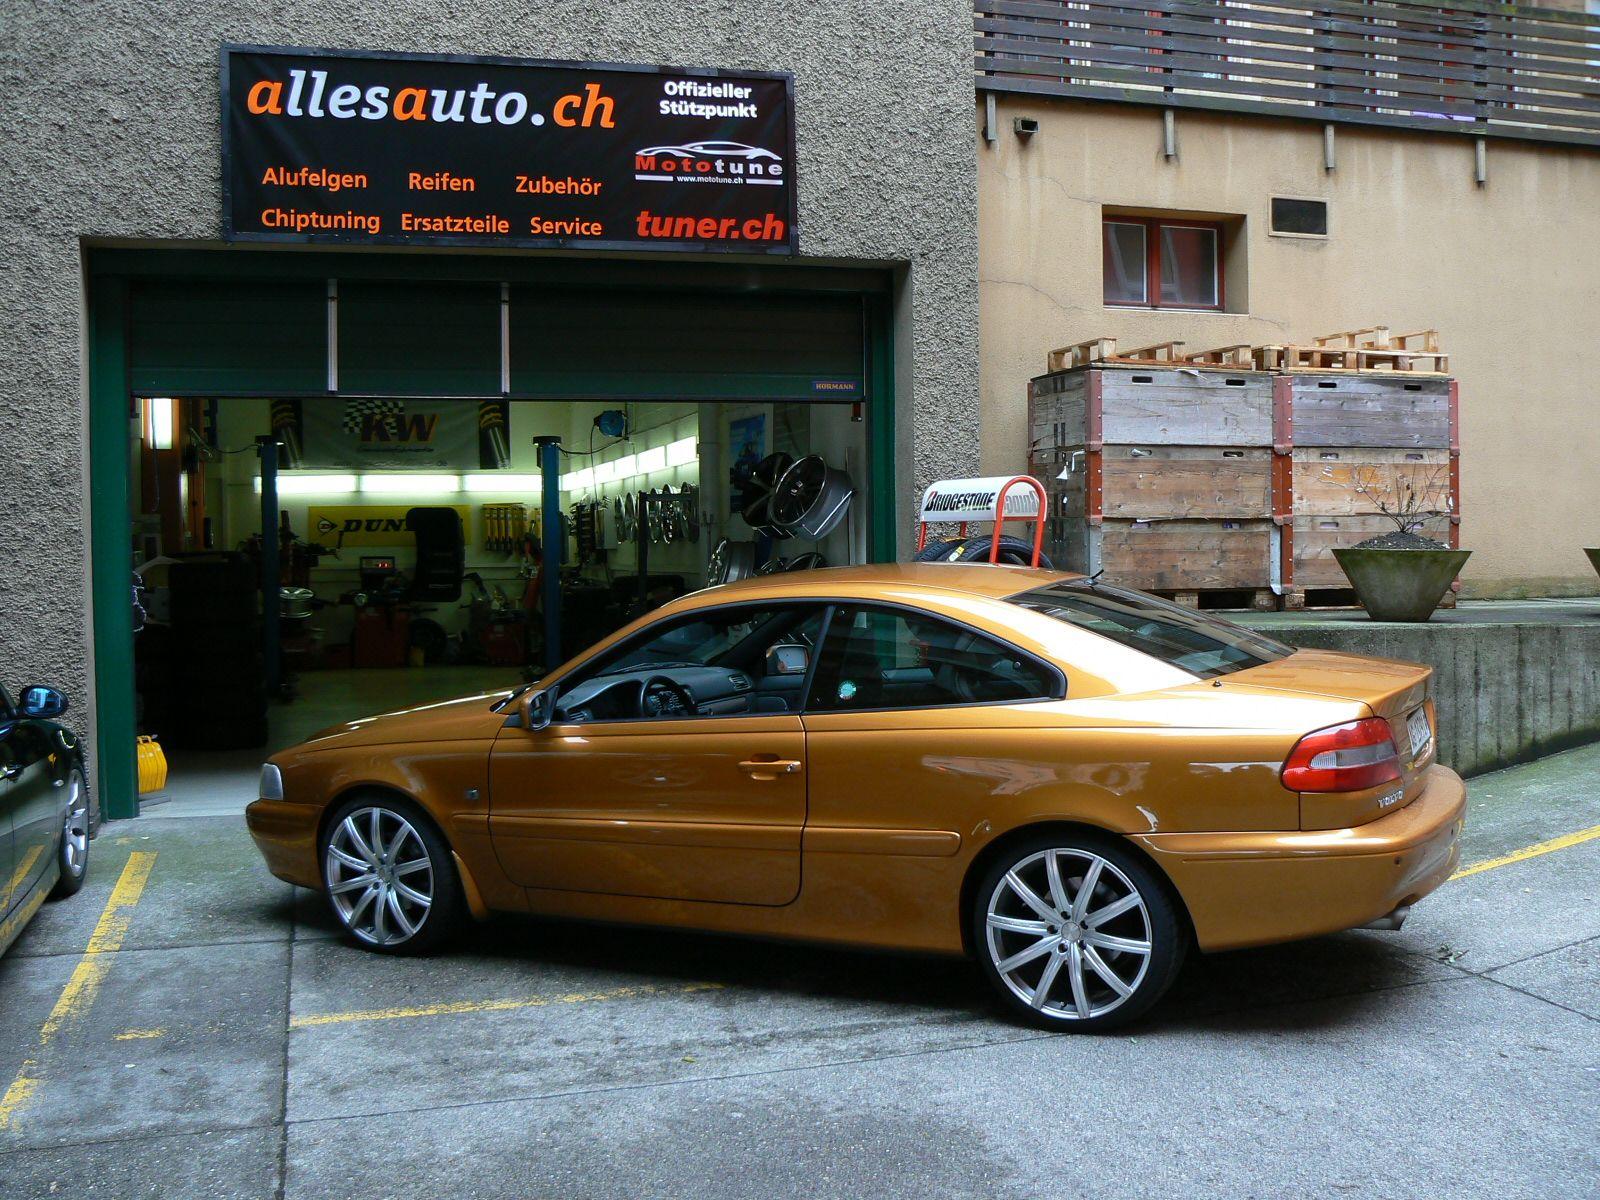 volvo c70 coupe future classic